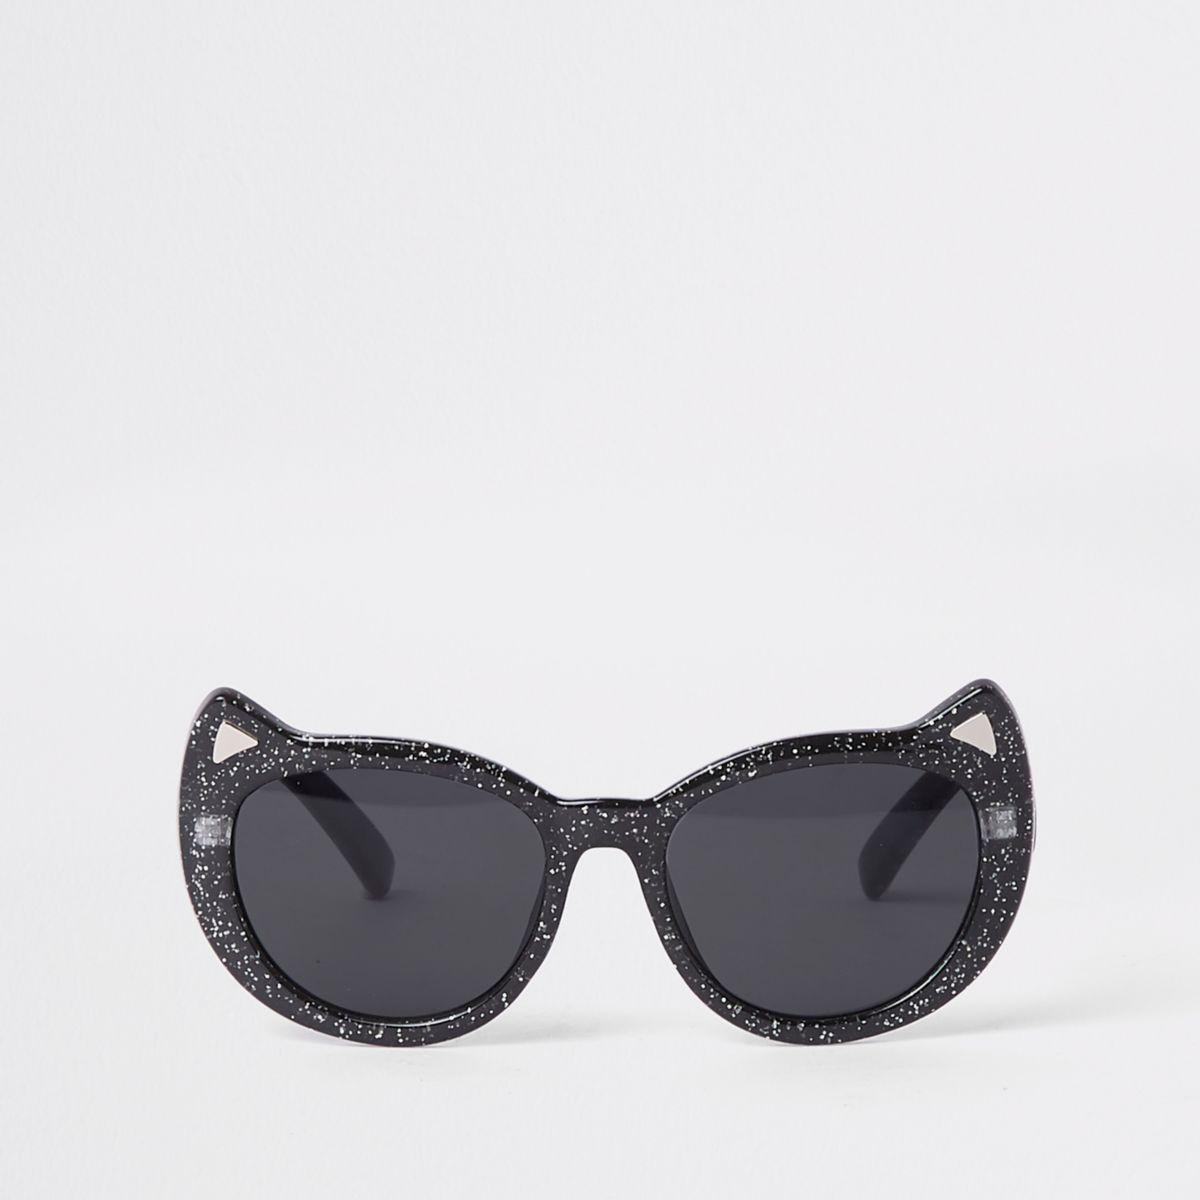 Girls black glitter cat eye sunglasses